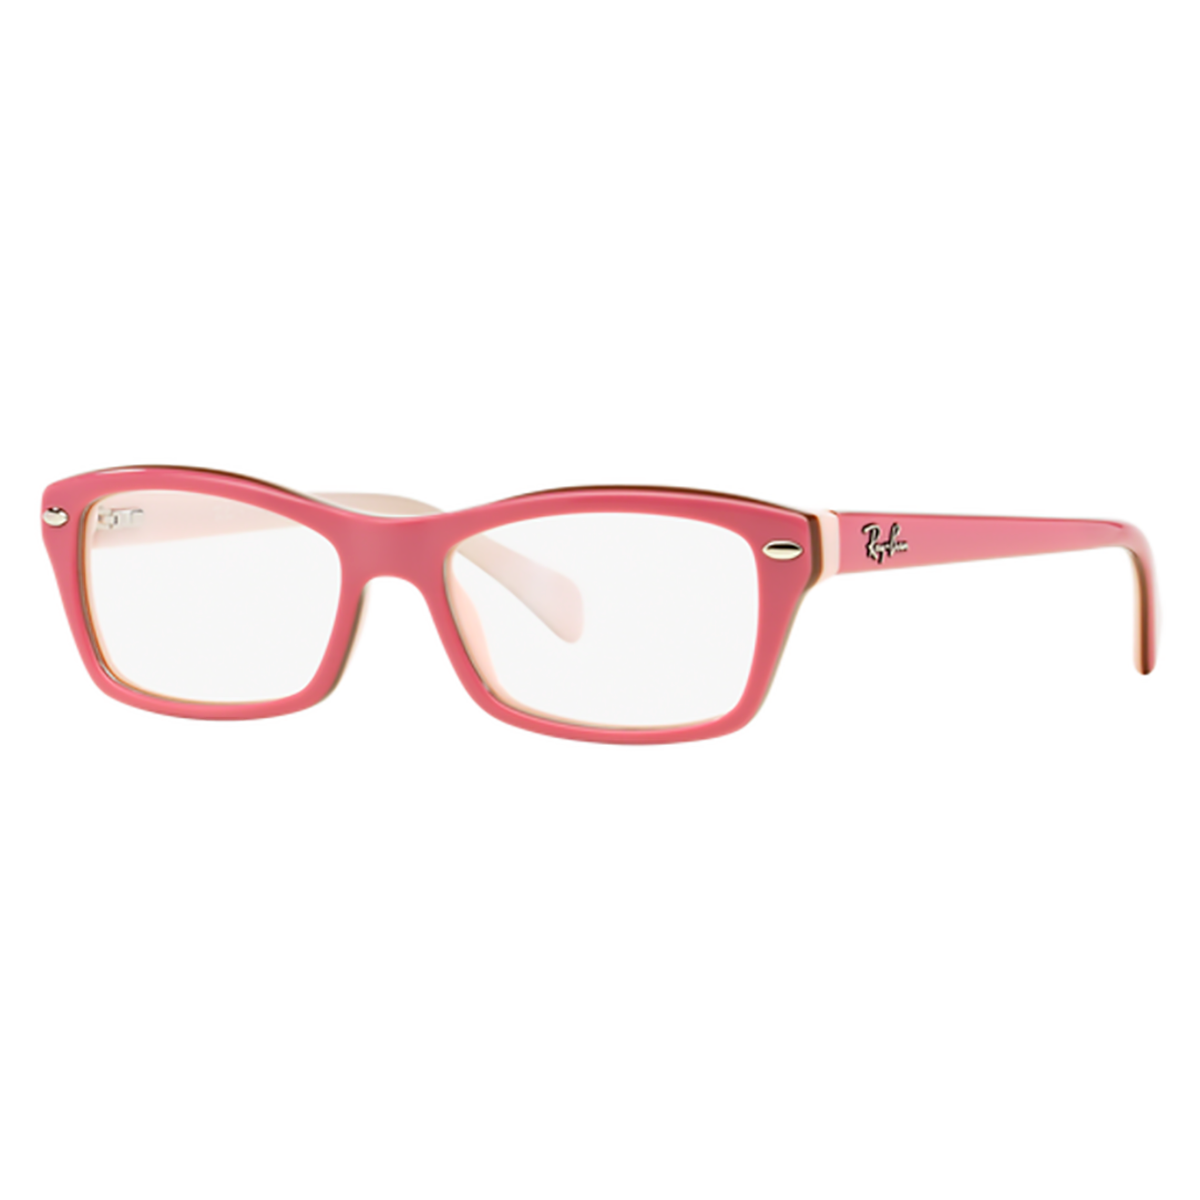 Compre Óculos de Grau Ray Ban Infantil em 10X   Tri-Jóia Shop 7671e56225